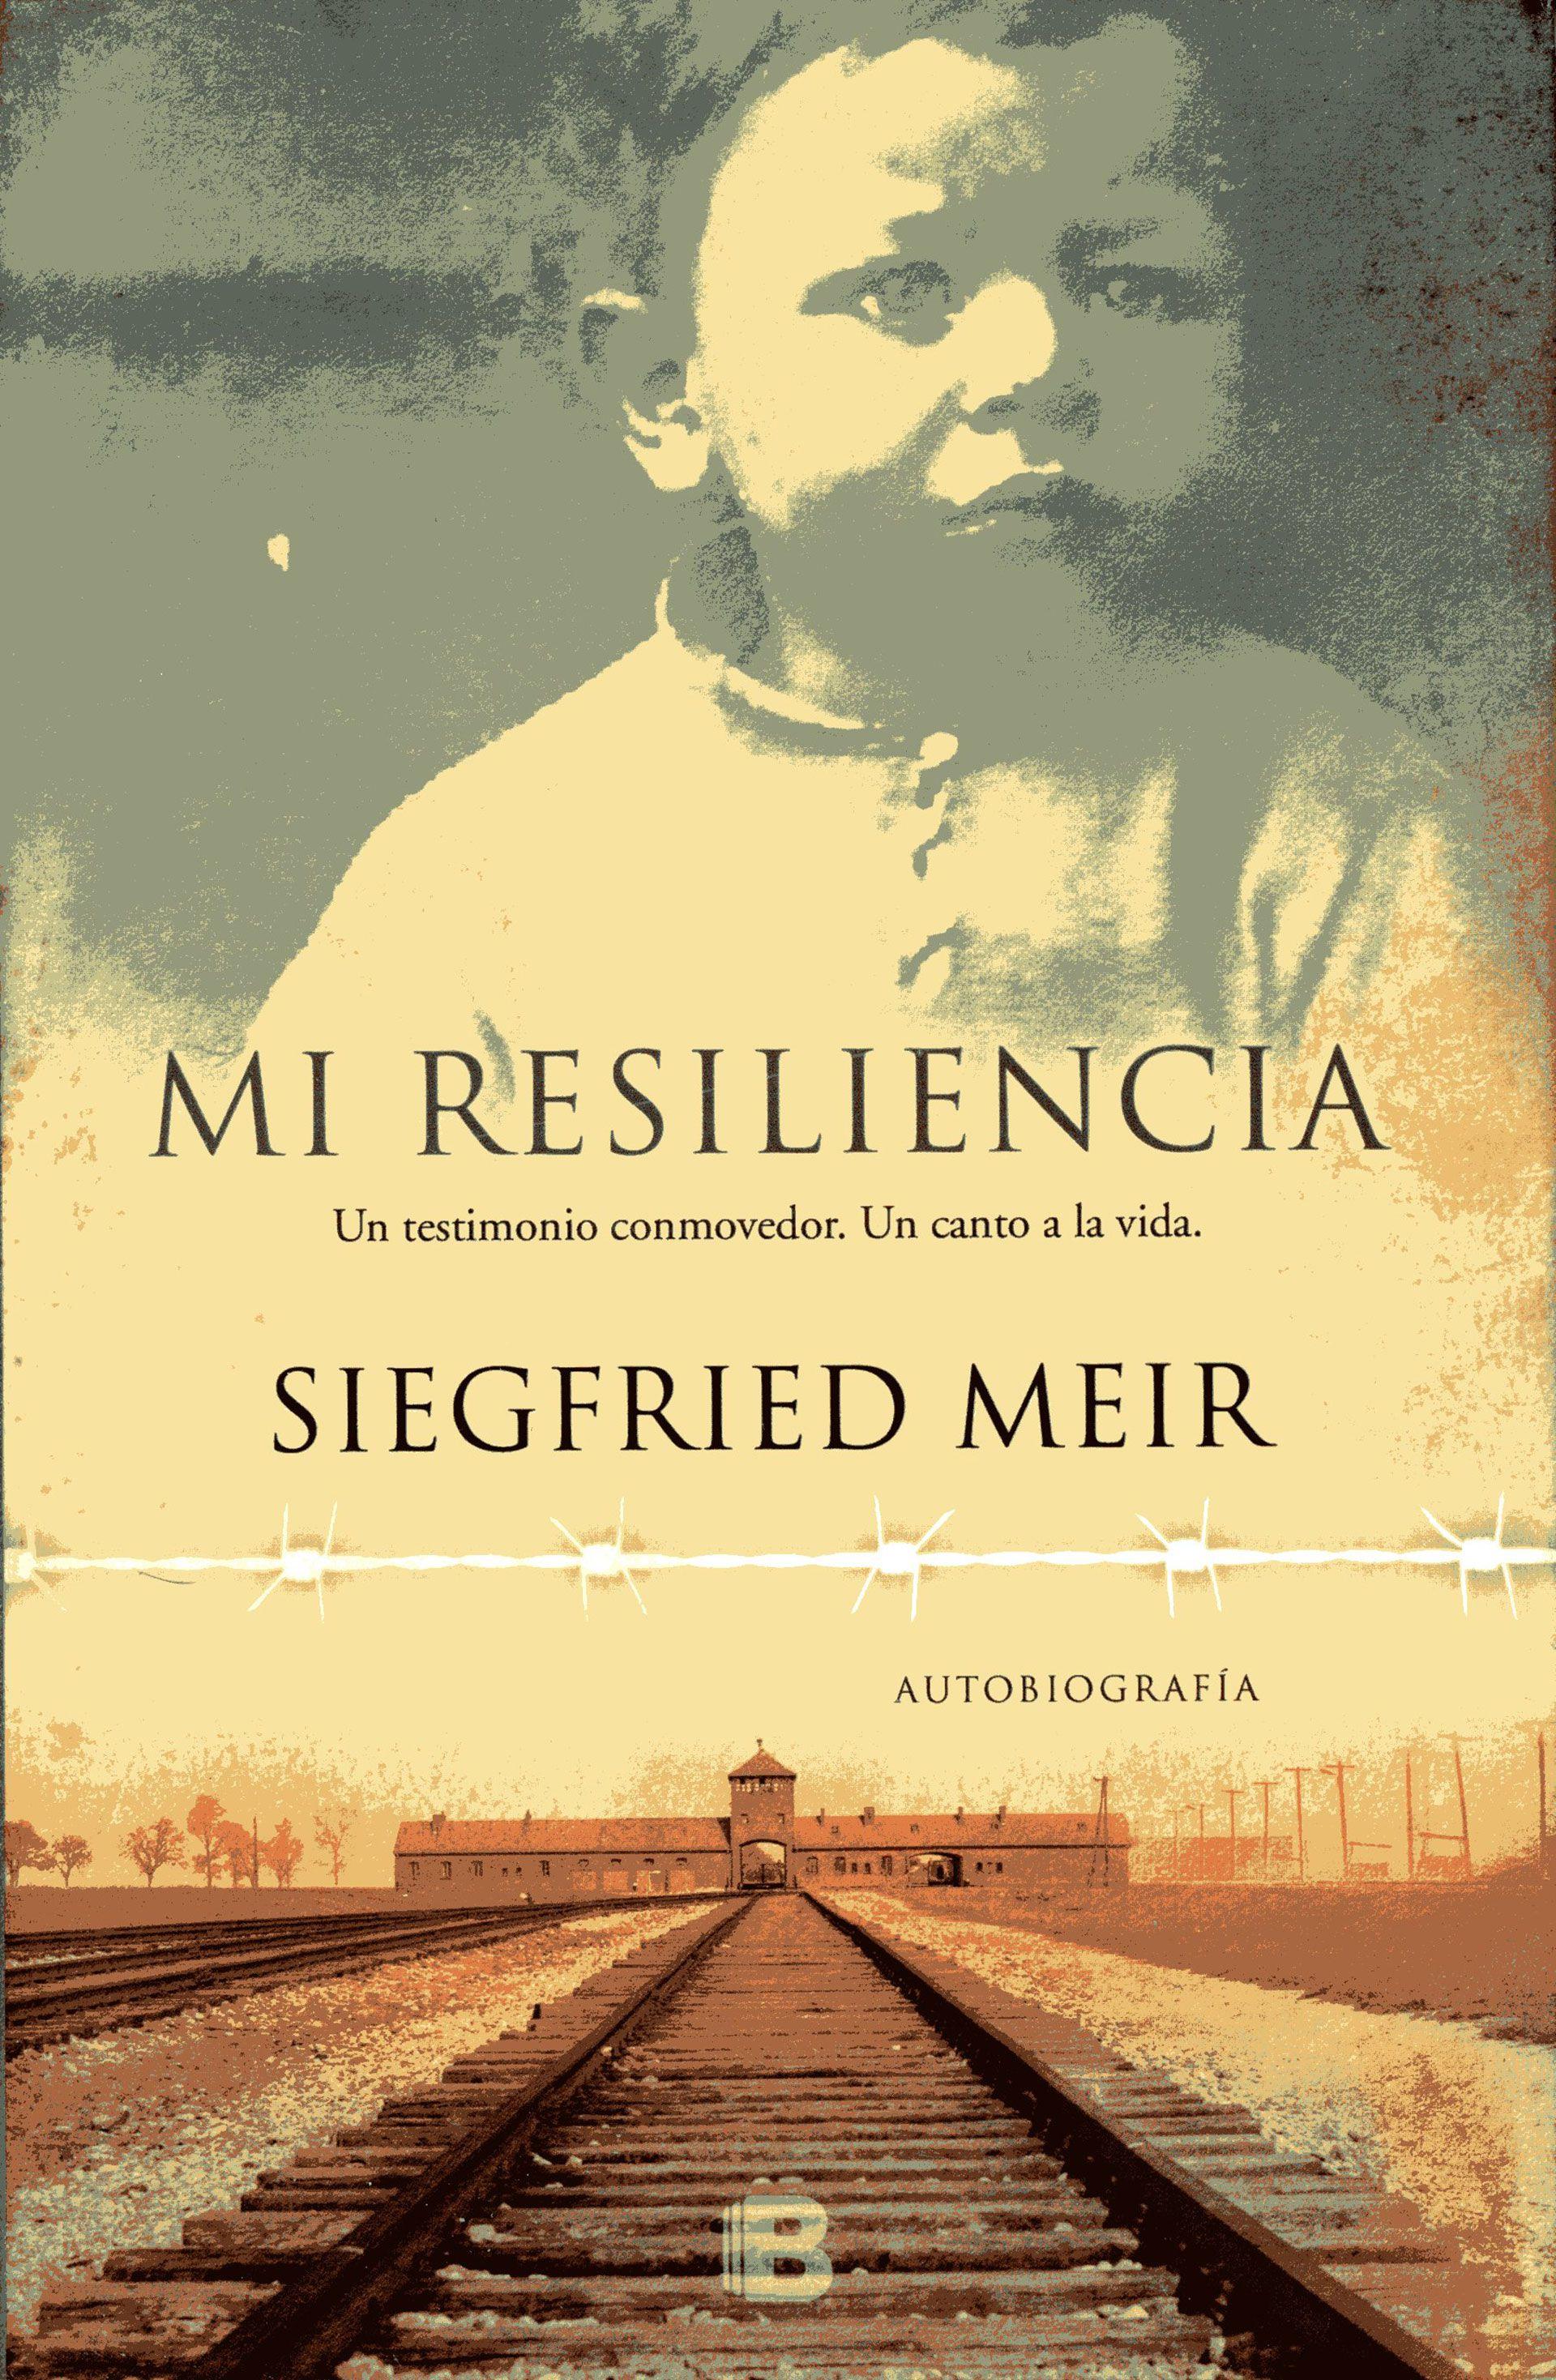 El libro autobiográfico de Siegfried Meir, publicado en 2016